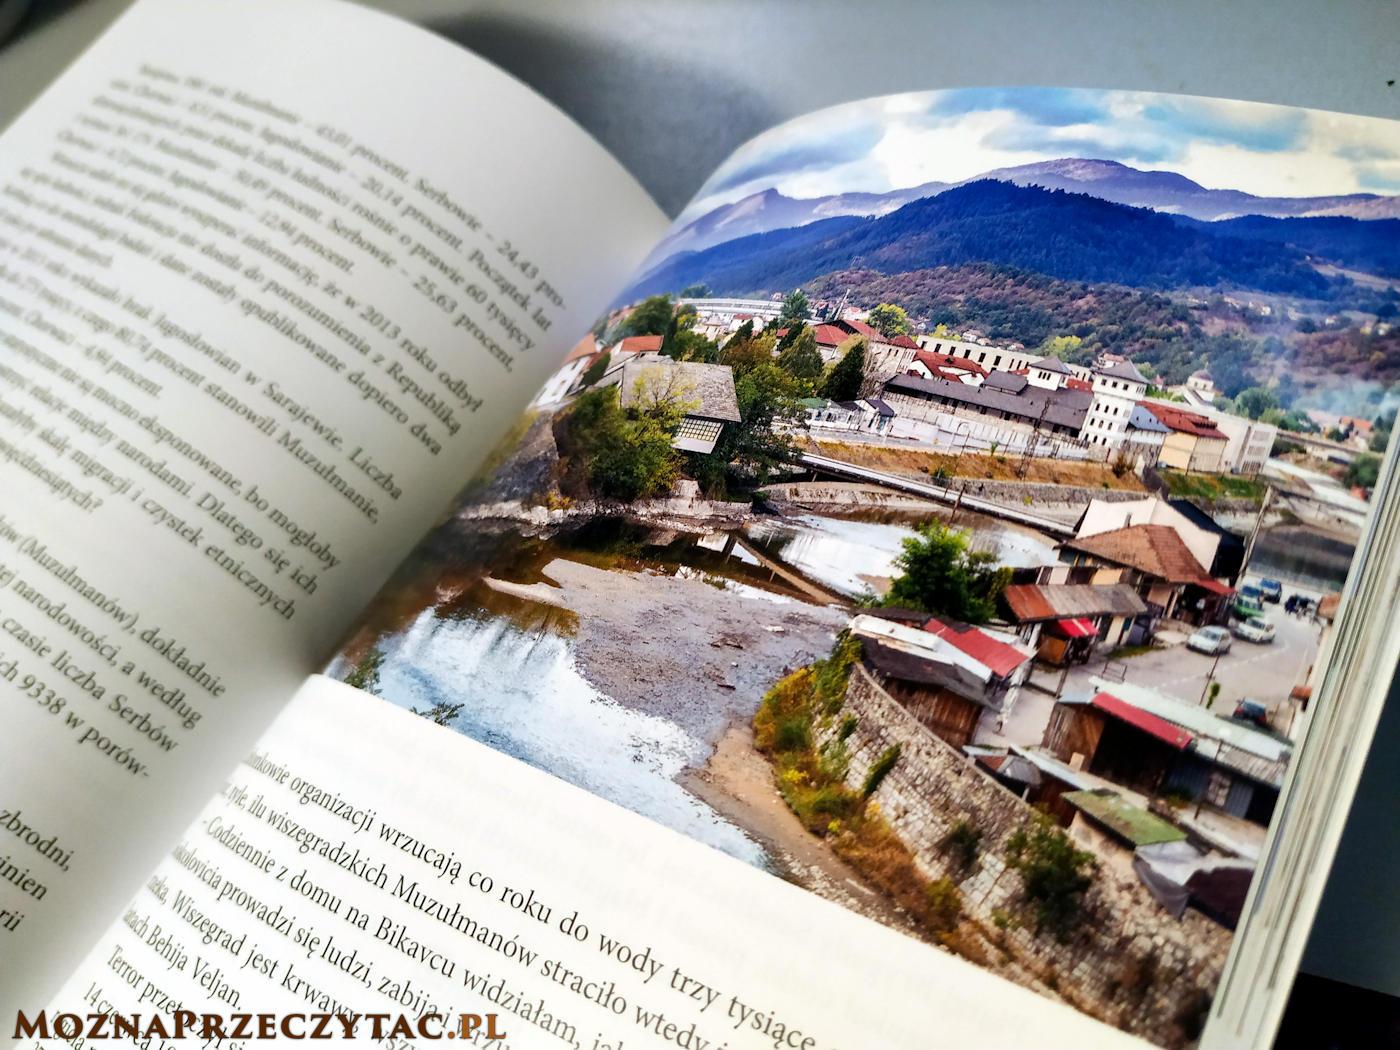 Bośnia. Muzyka, kuchnia i dobrzy ludzie - Argymir Iwicki